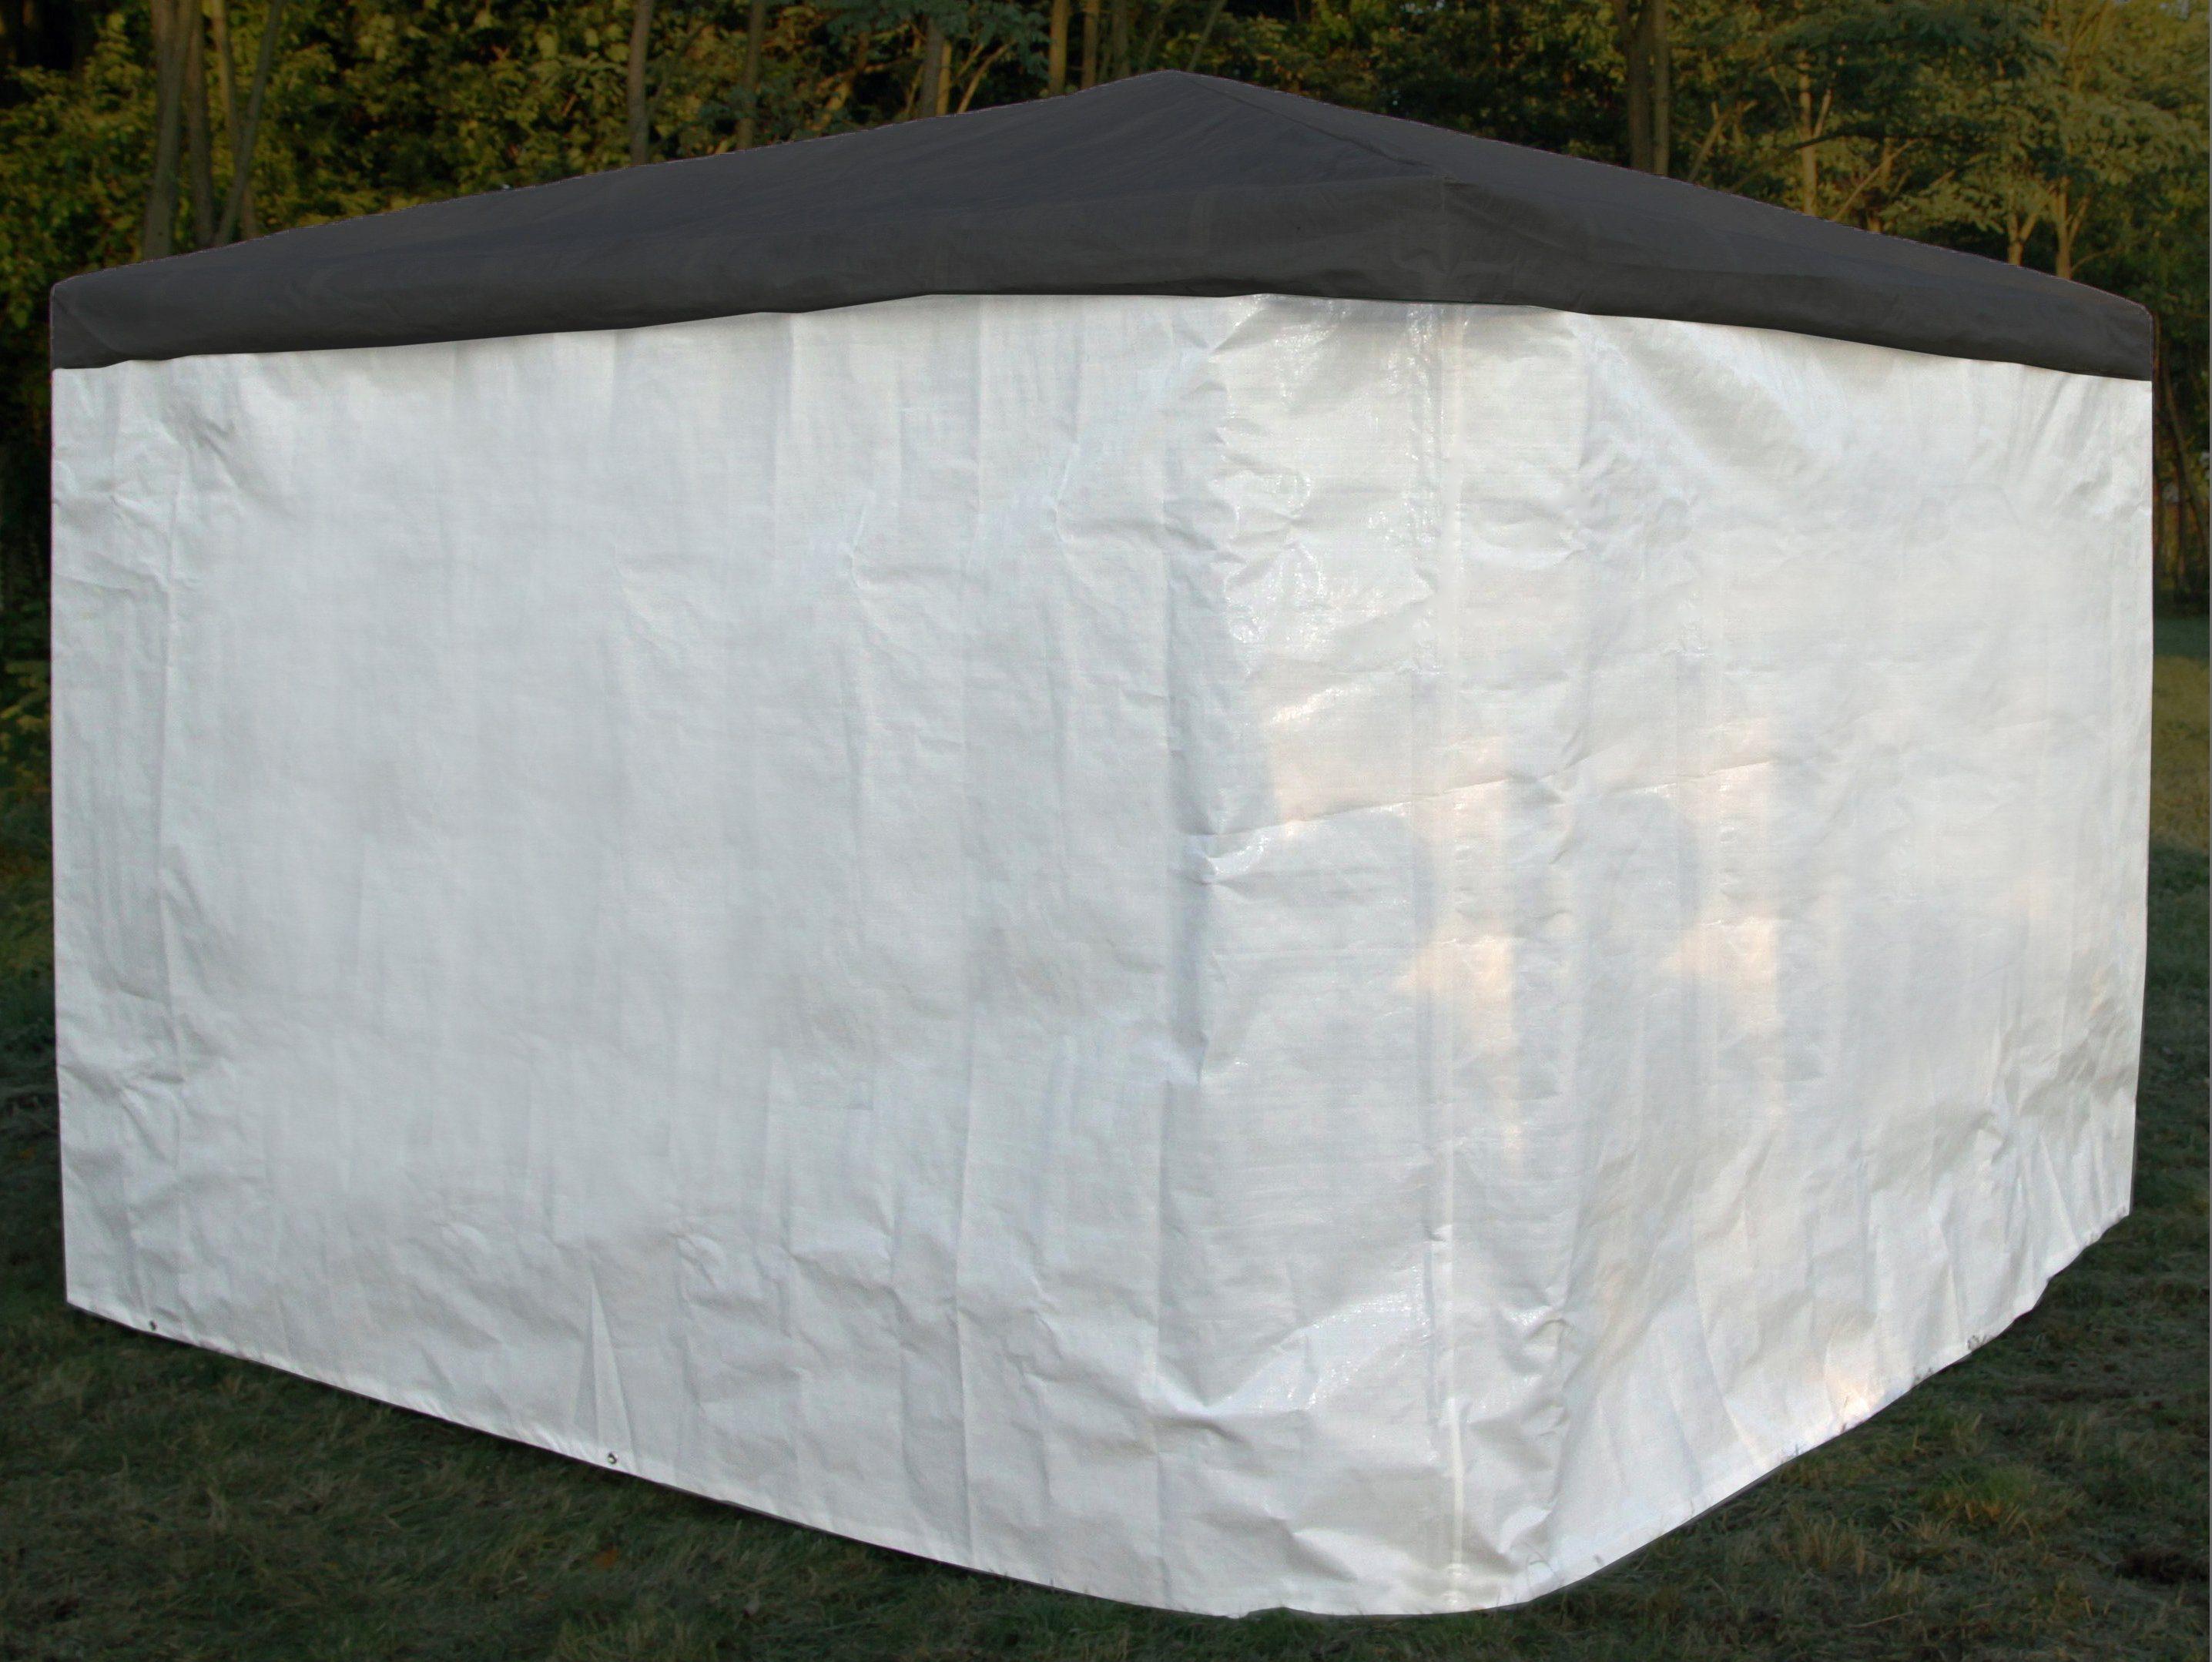 PROMADINO Wetterschutz Seitenteile für Pavillon »Mindelheim«